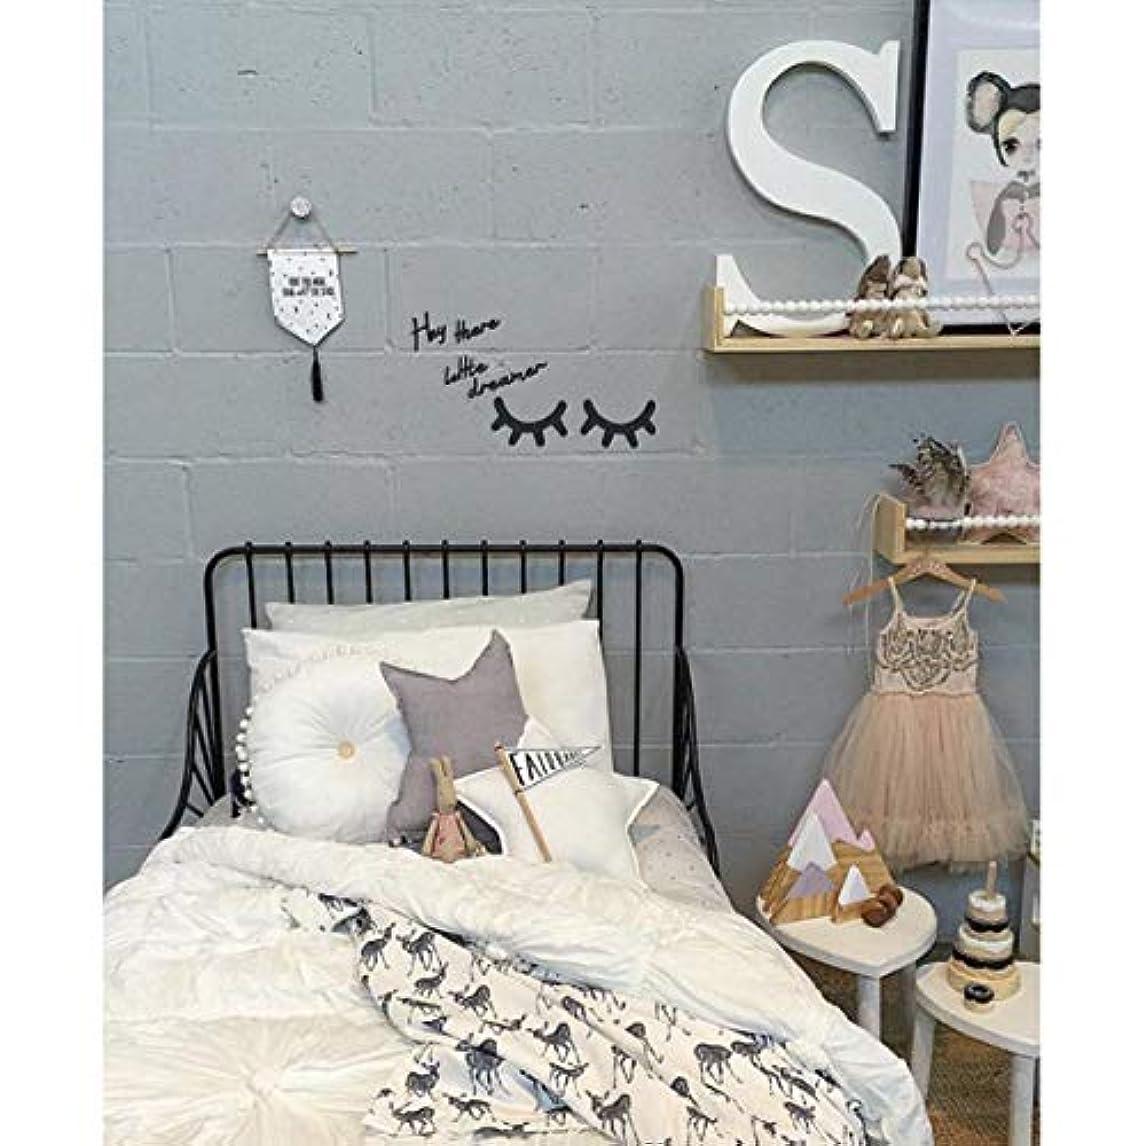 ランデブー然とした過激派Vosarea キラキラ木製まつげパターンウォールステッカー用キッズパーティー寝室の背景部屋の装飾diyまつげパターンウォールステッカーブラック